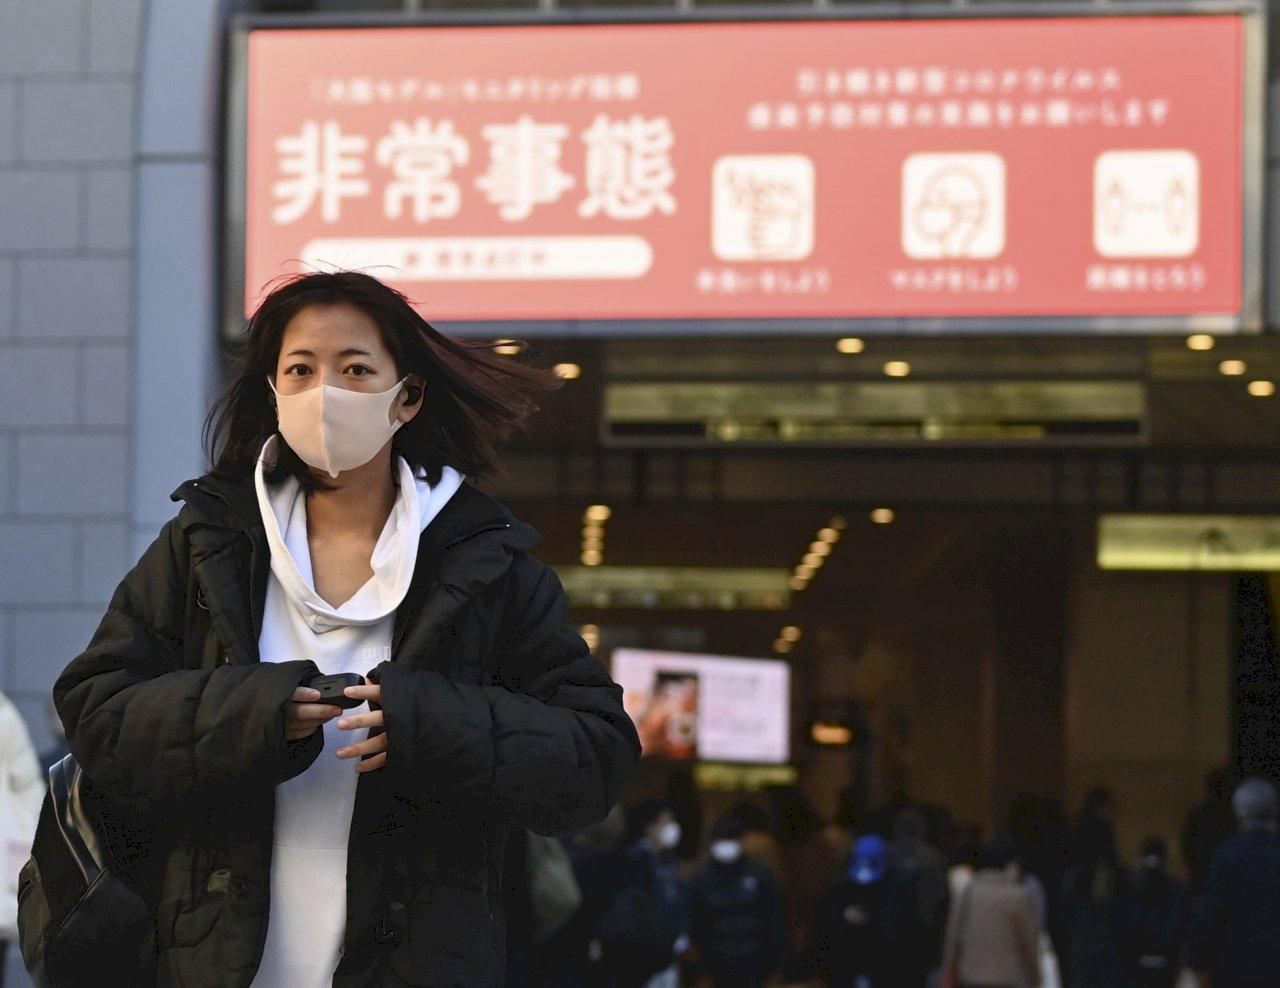 日本疫情難止 大阪20日將籲請第3次緊急事態宣言